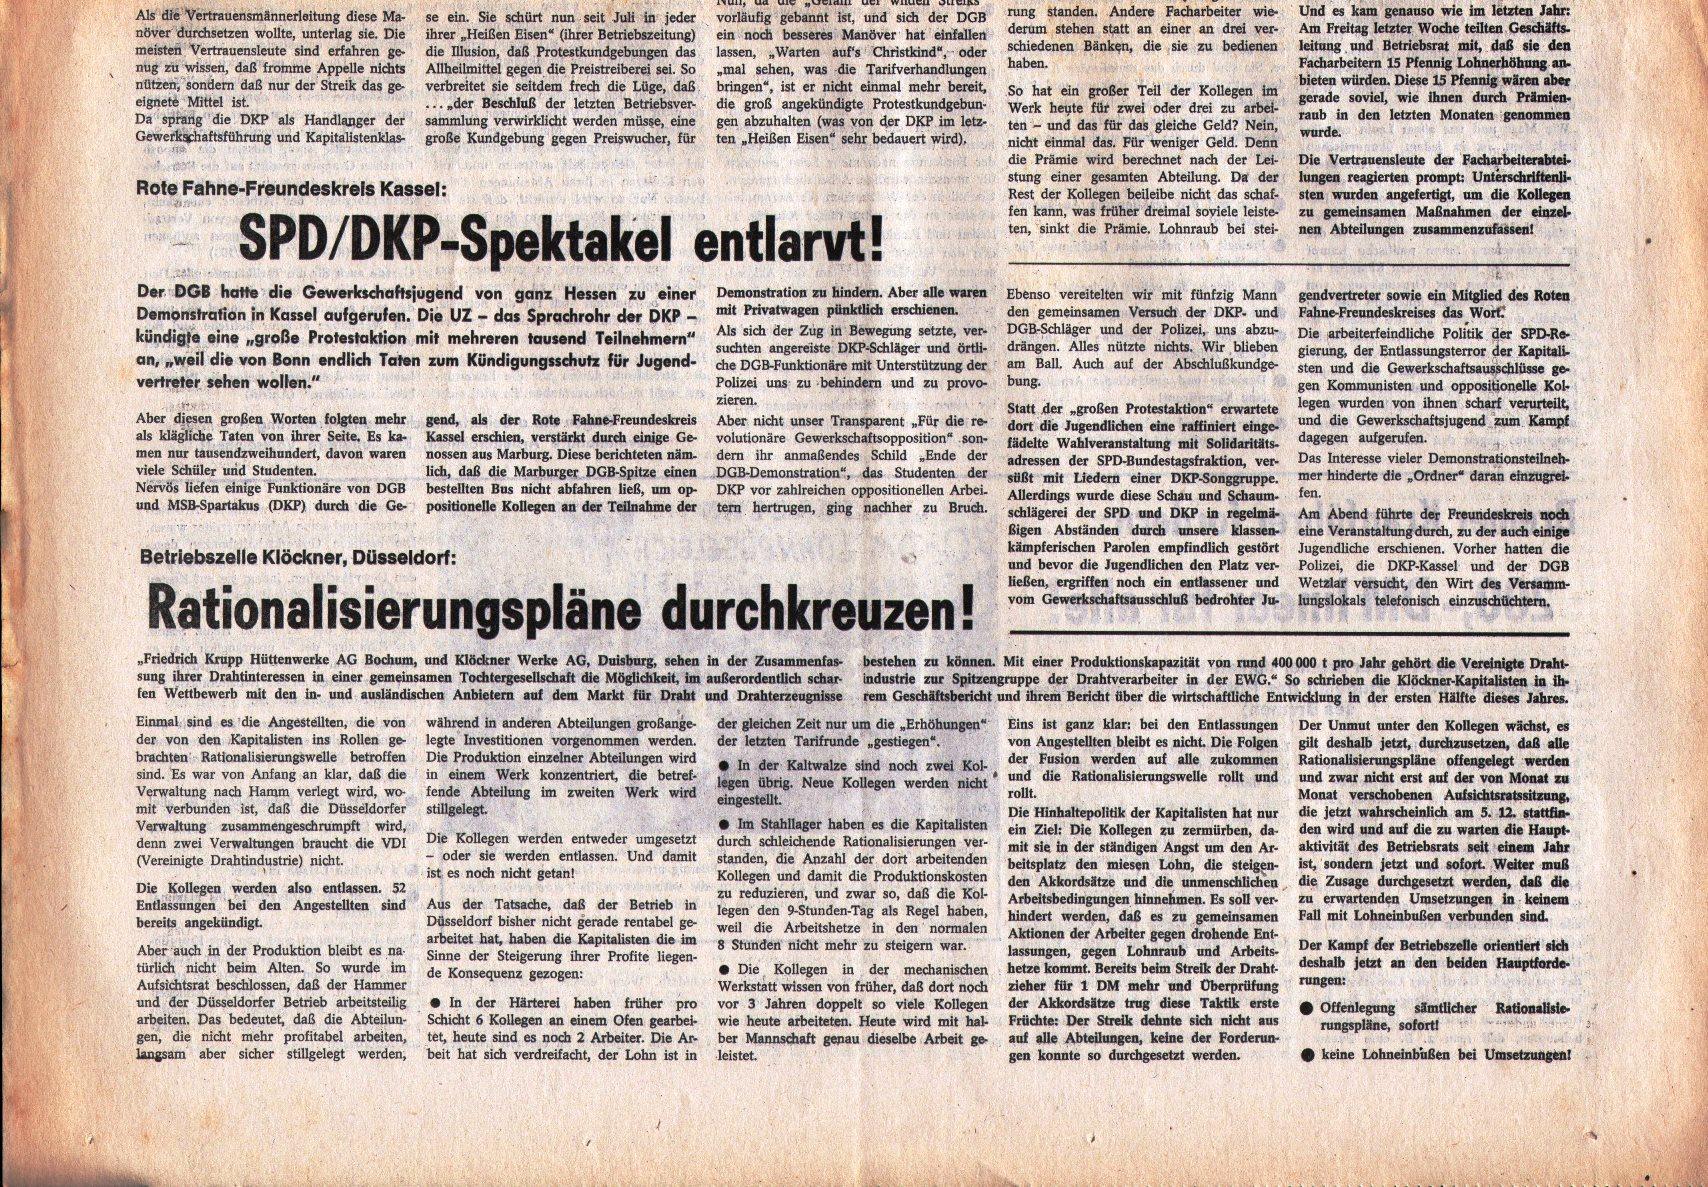 KPD_Rote_Fahne_1973_41_08